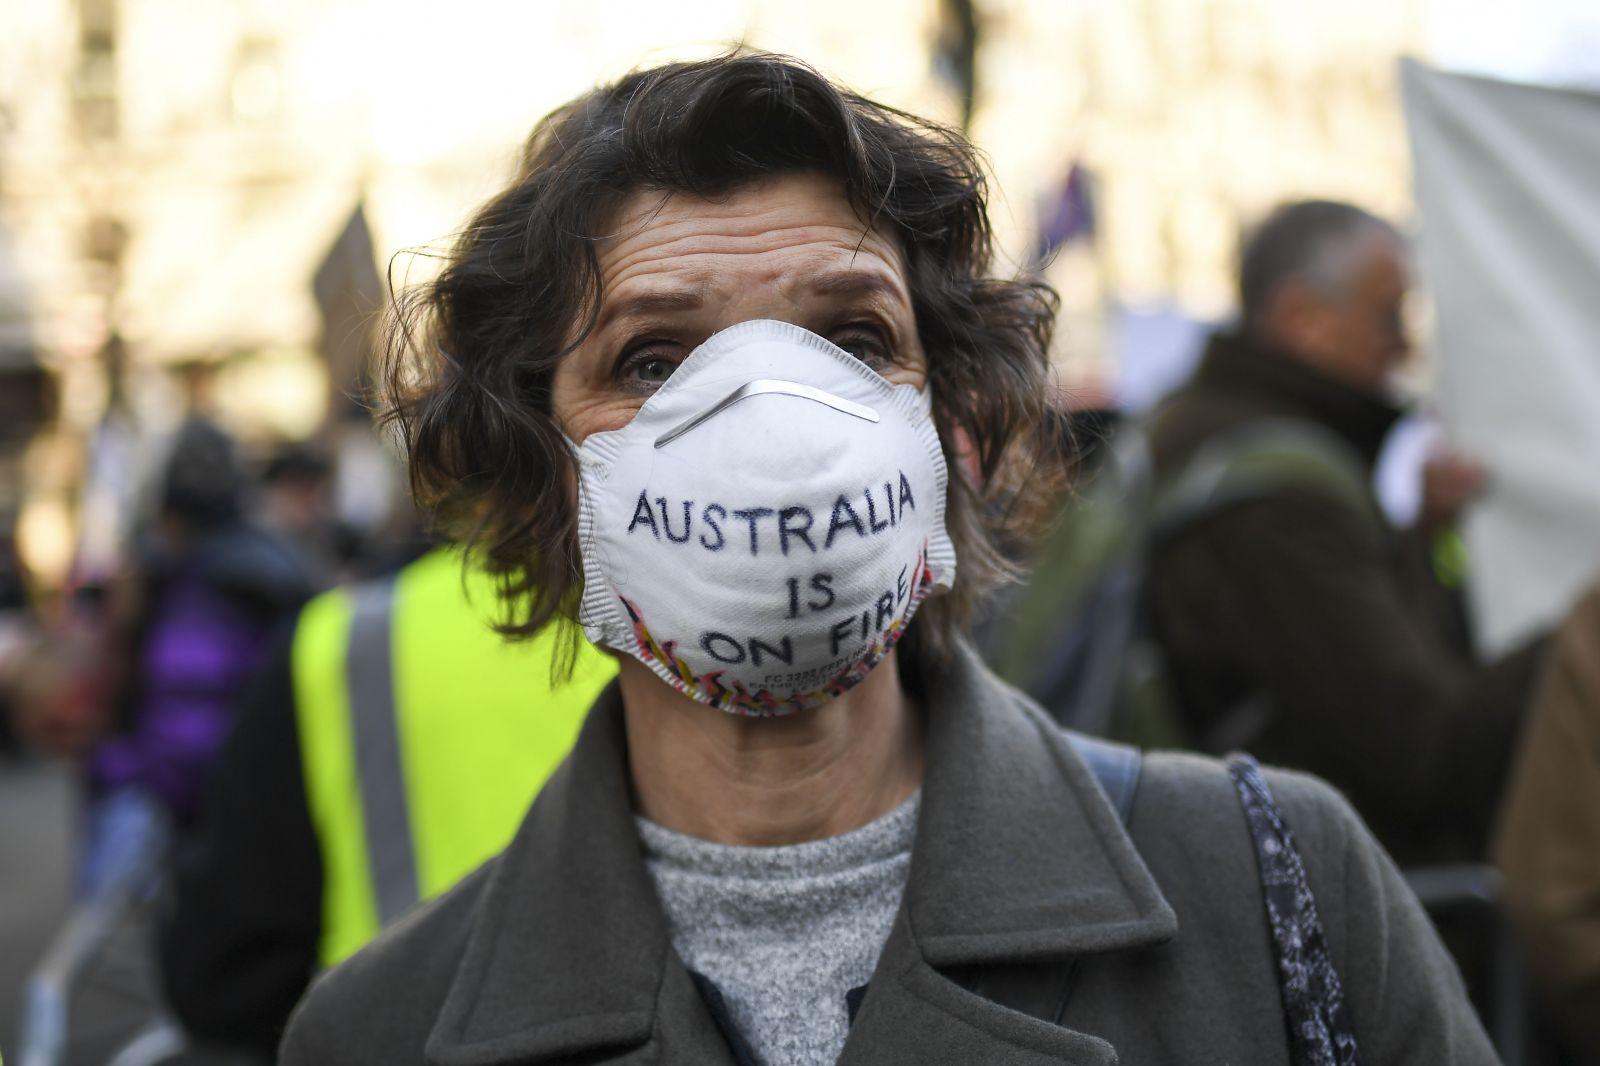 Slovenka Alžbeta žijúca v Austrálii:Doma máme vrstvu popola, je to ako dýchať dym priamo z ohniska